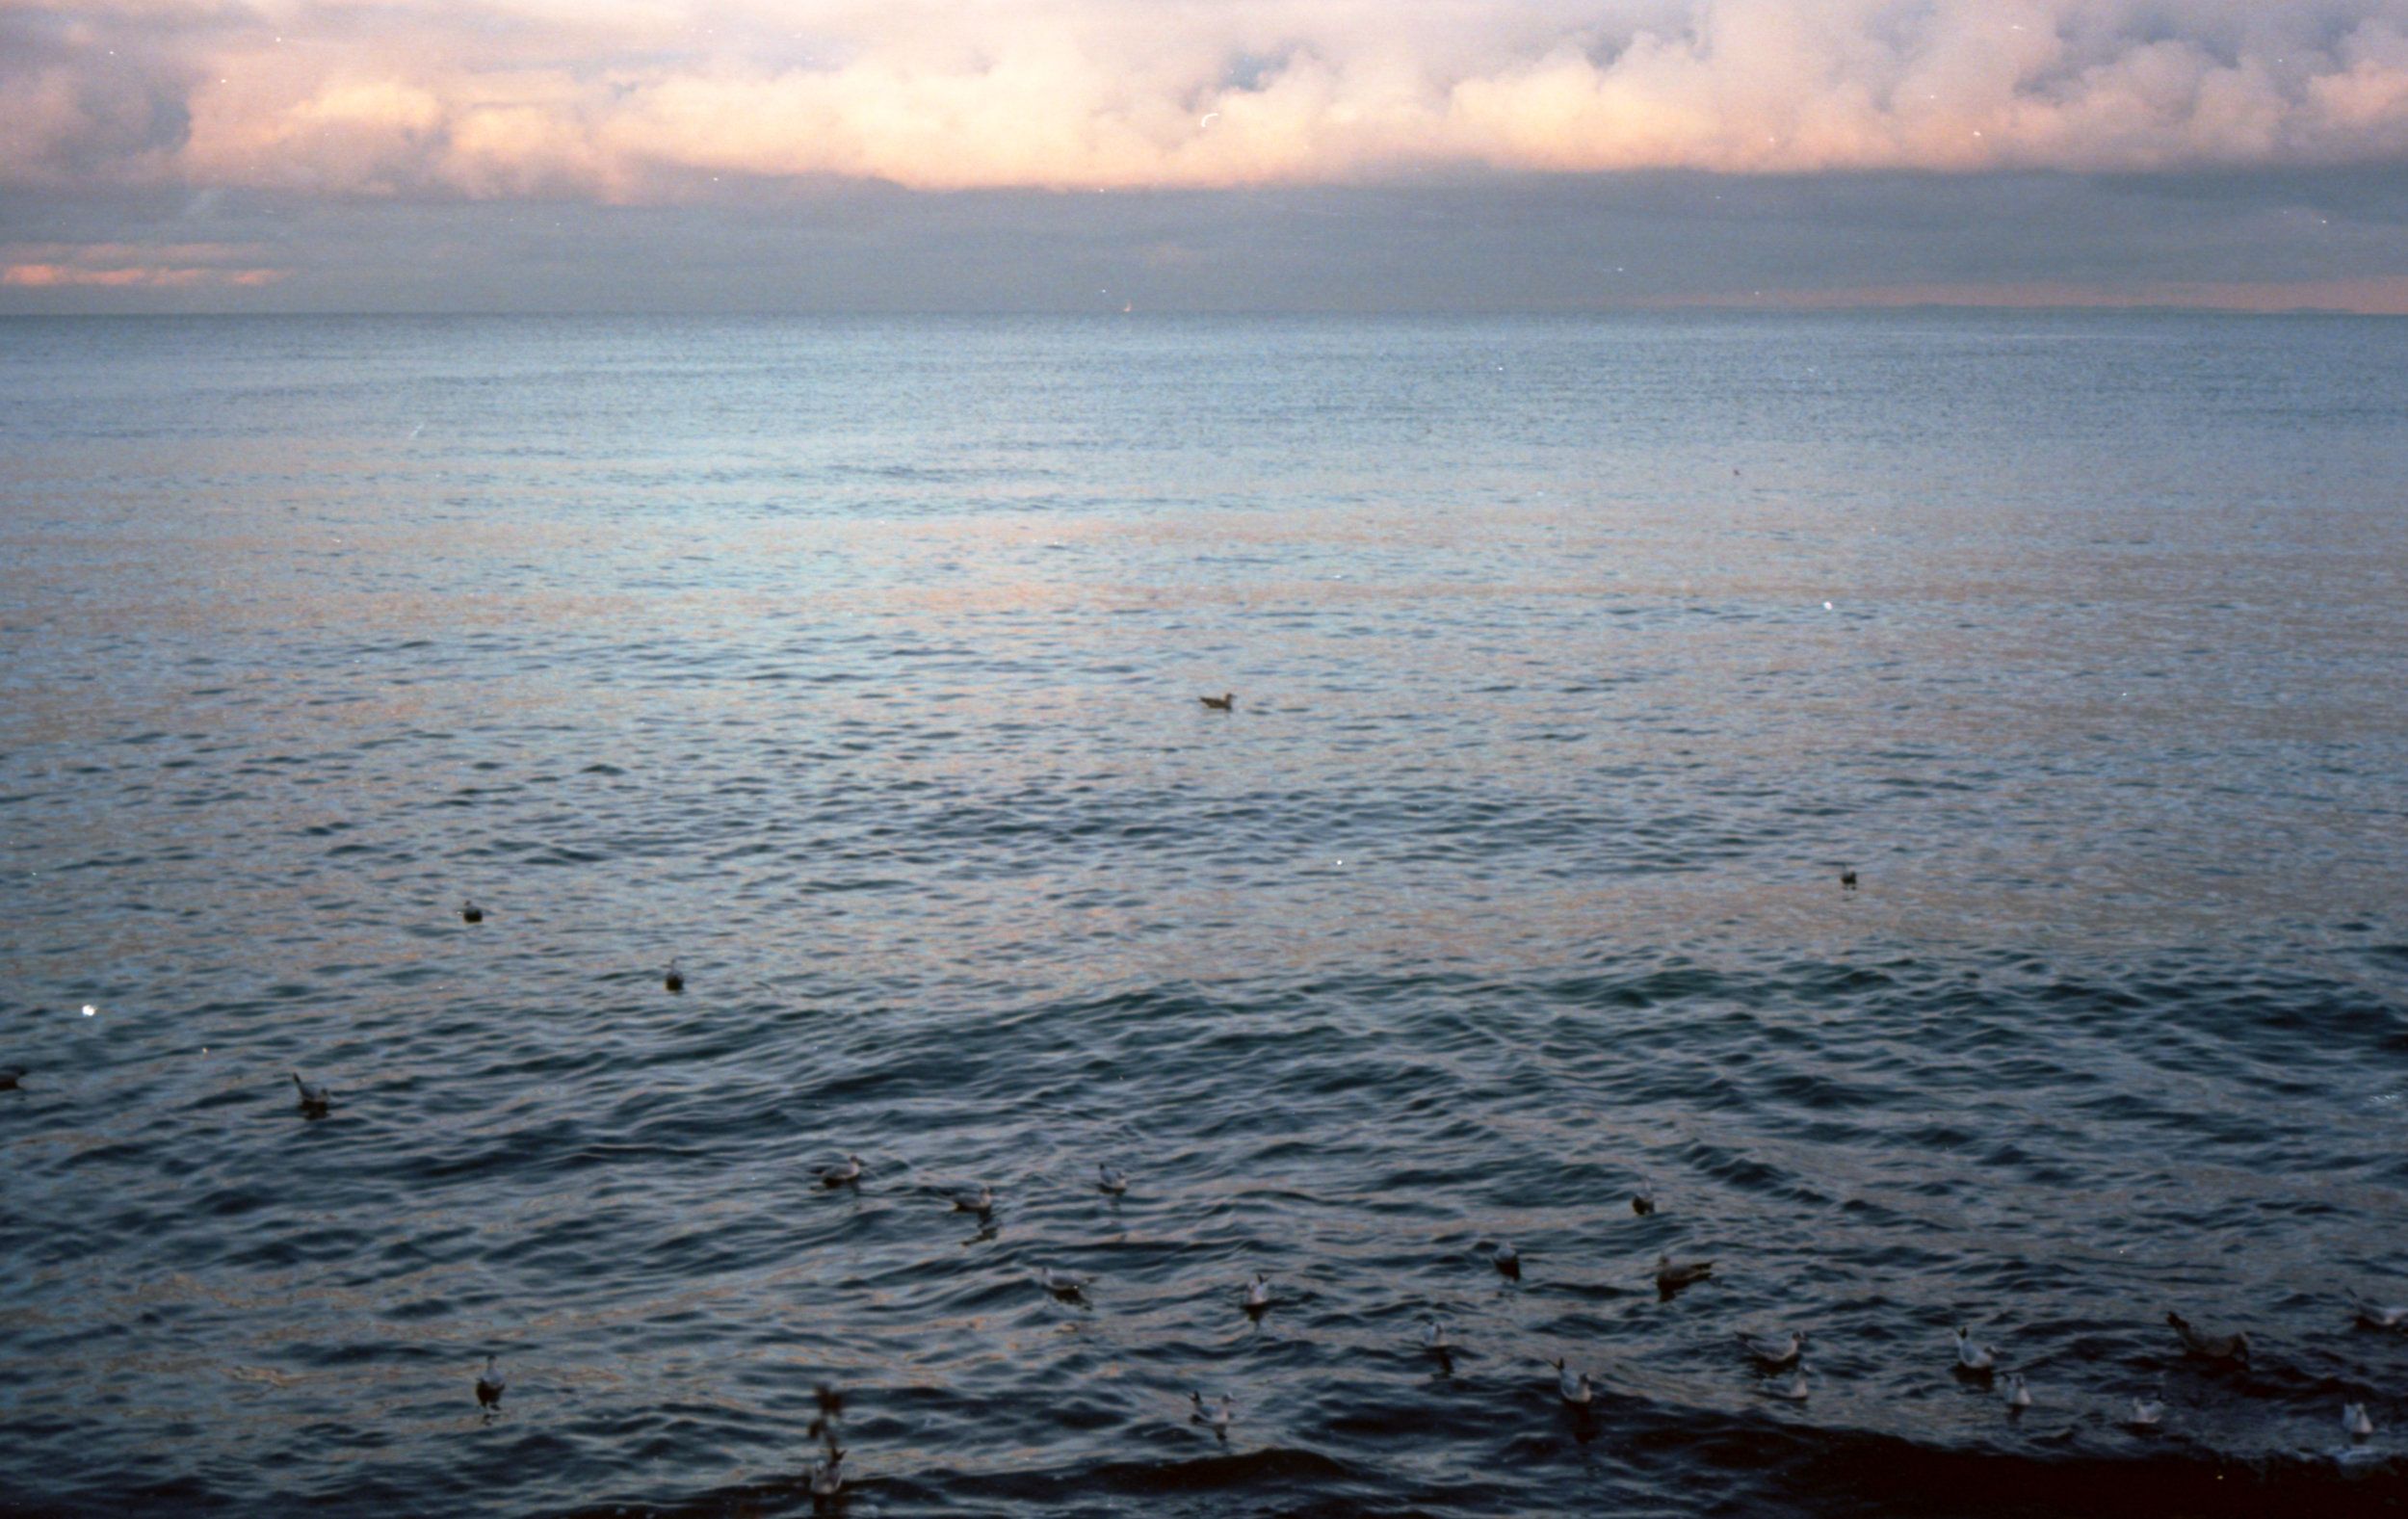 Winter seascape #3 on 35mm